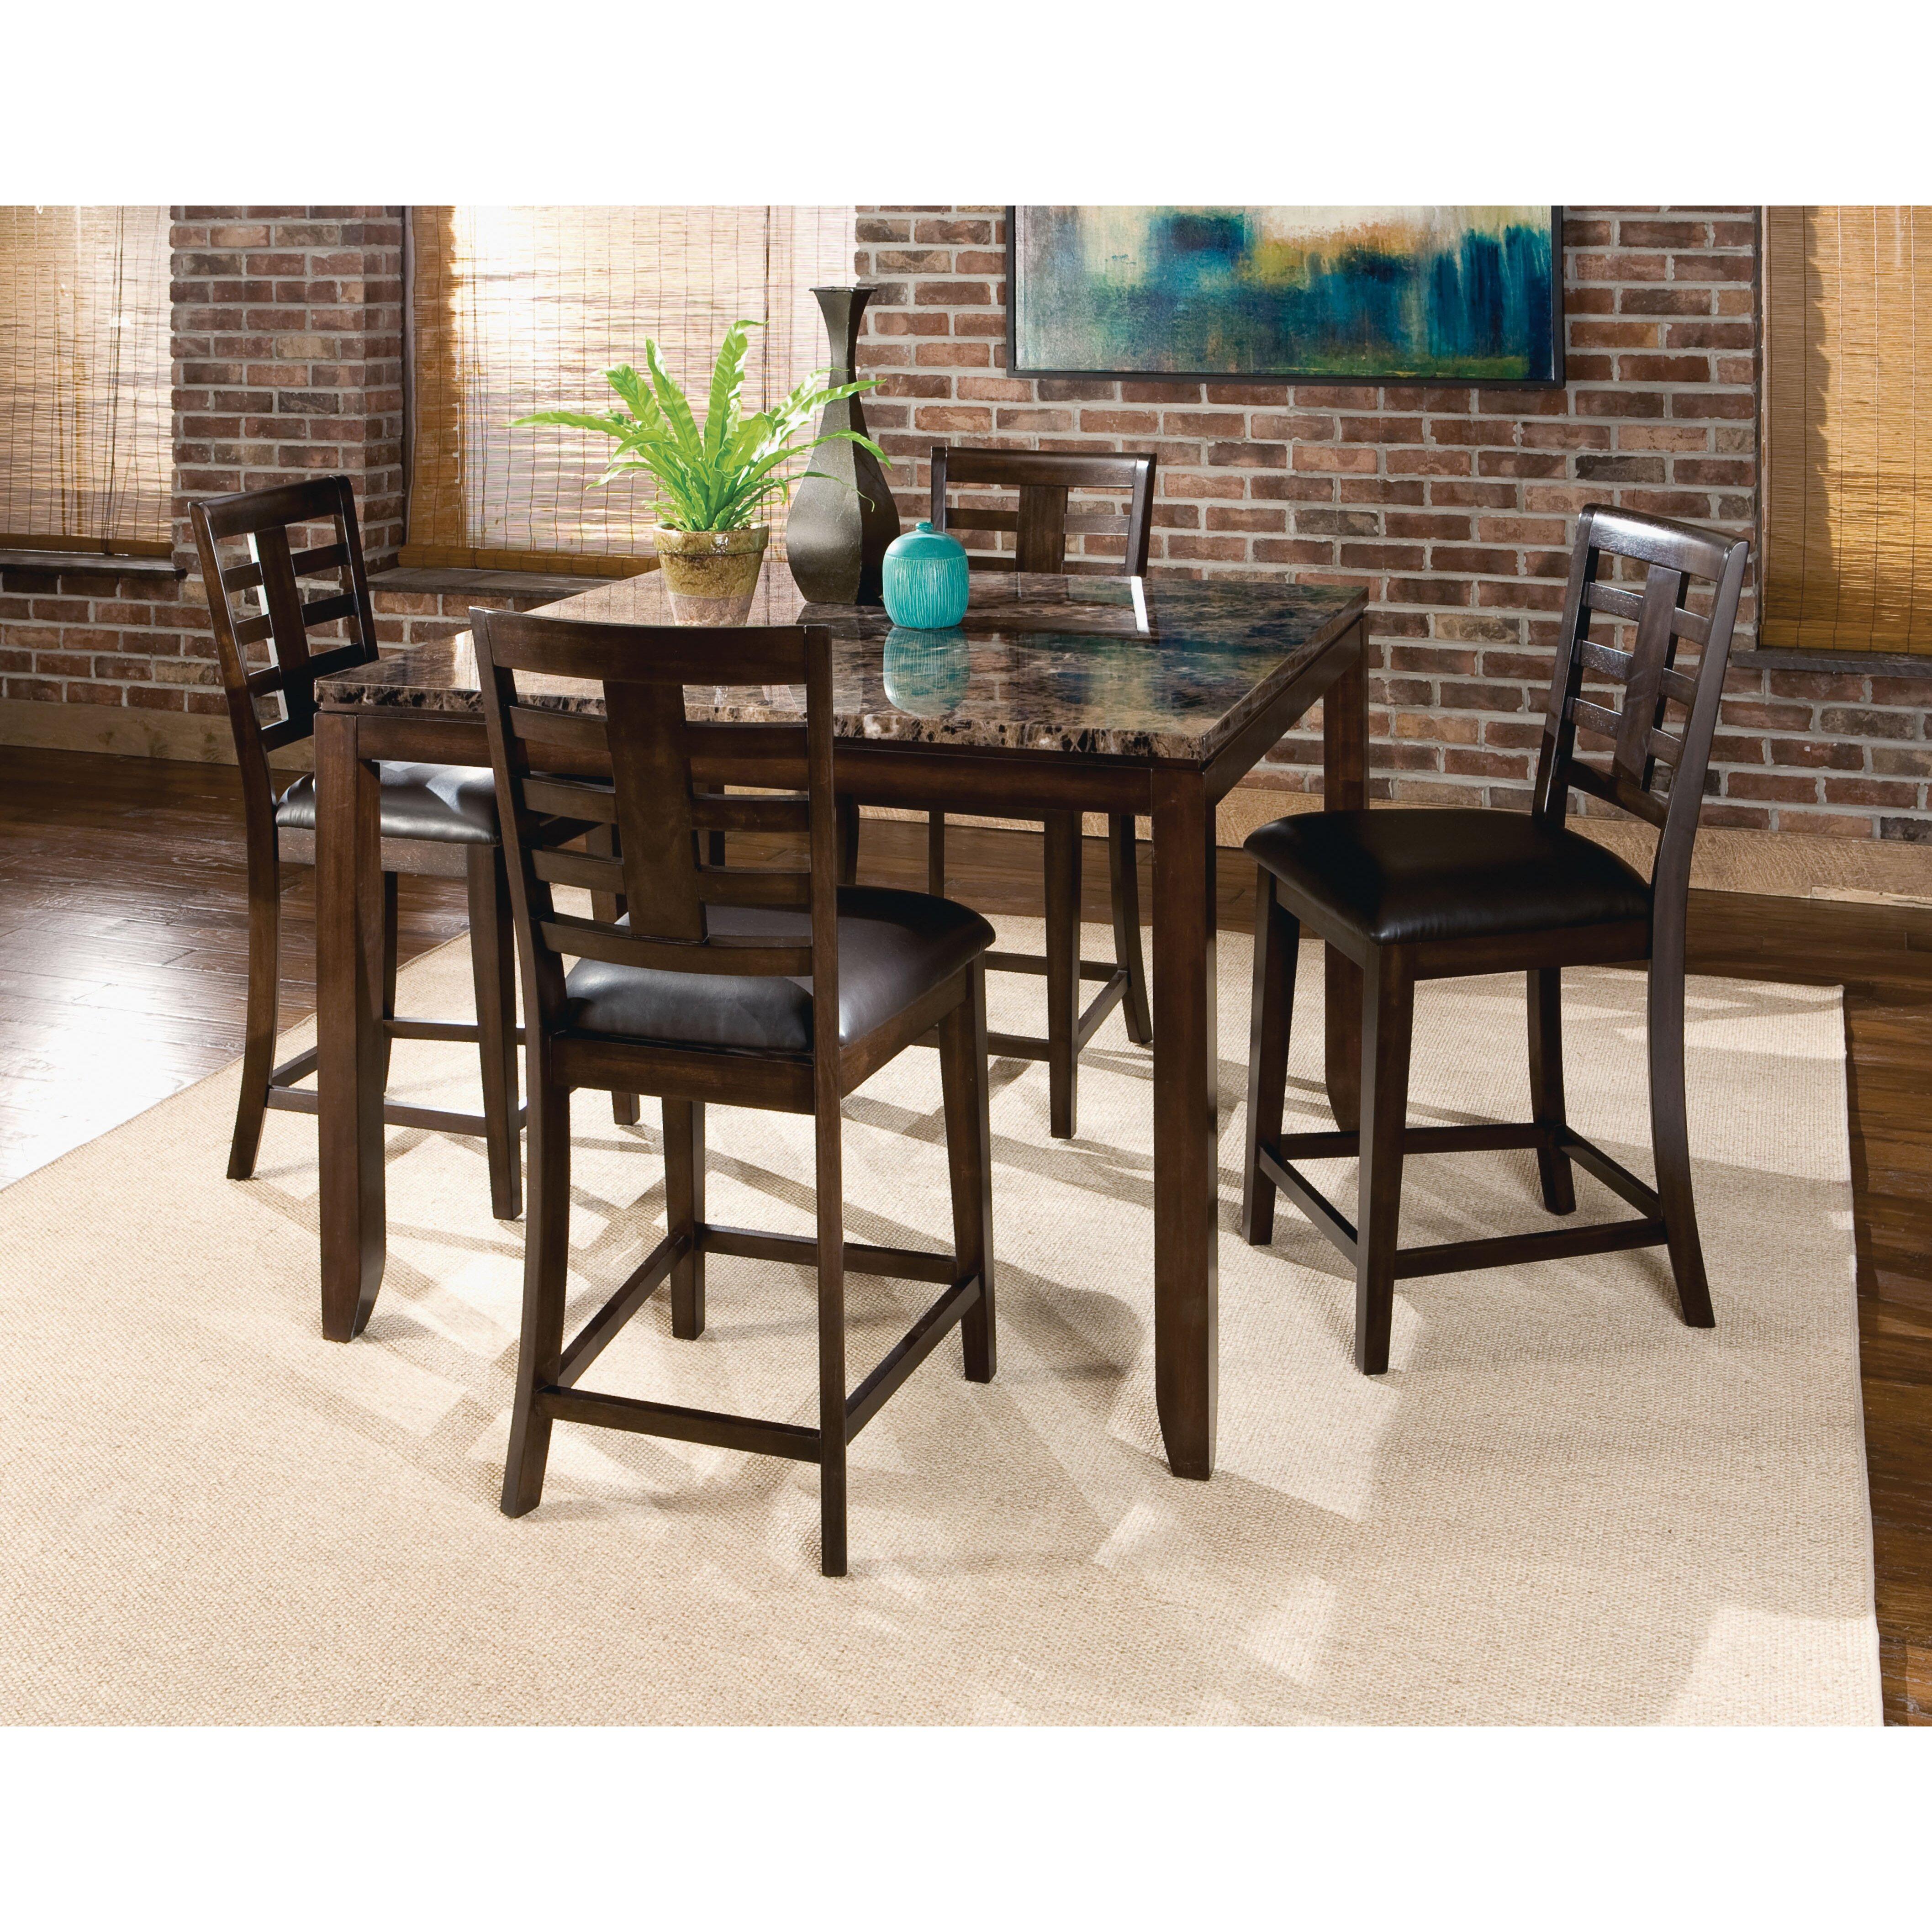 Standard Furniture Dining Room Sets: Standard Furniture Bella 5 Piece Dining Set & Reviews